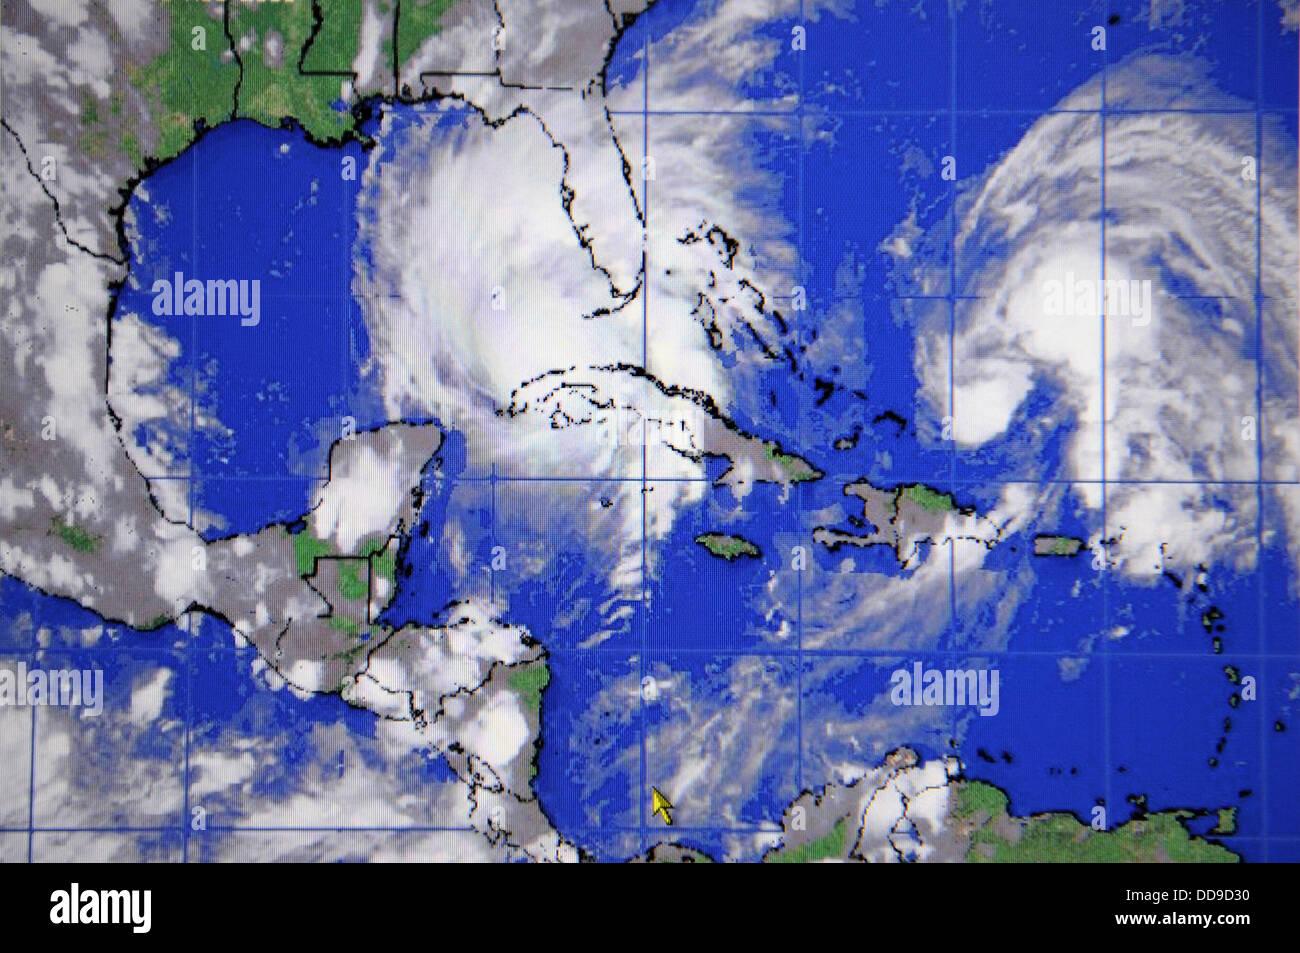 Hurricane Im Tv